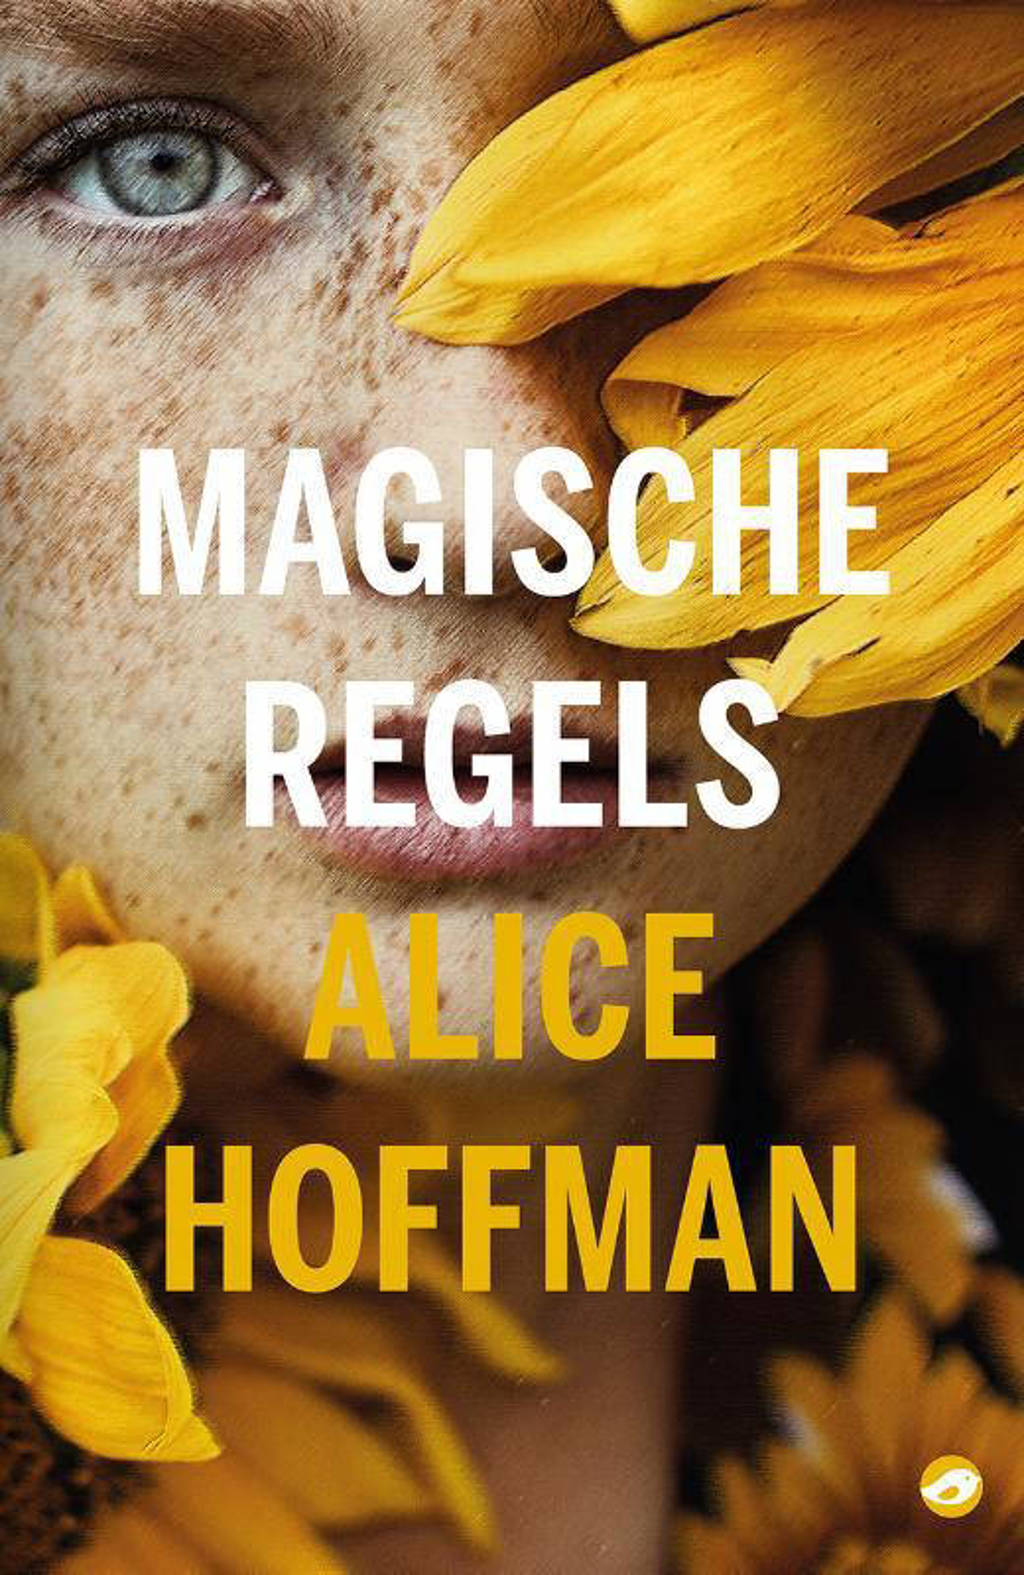 Magische regels - Alice Hoffman